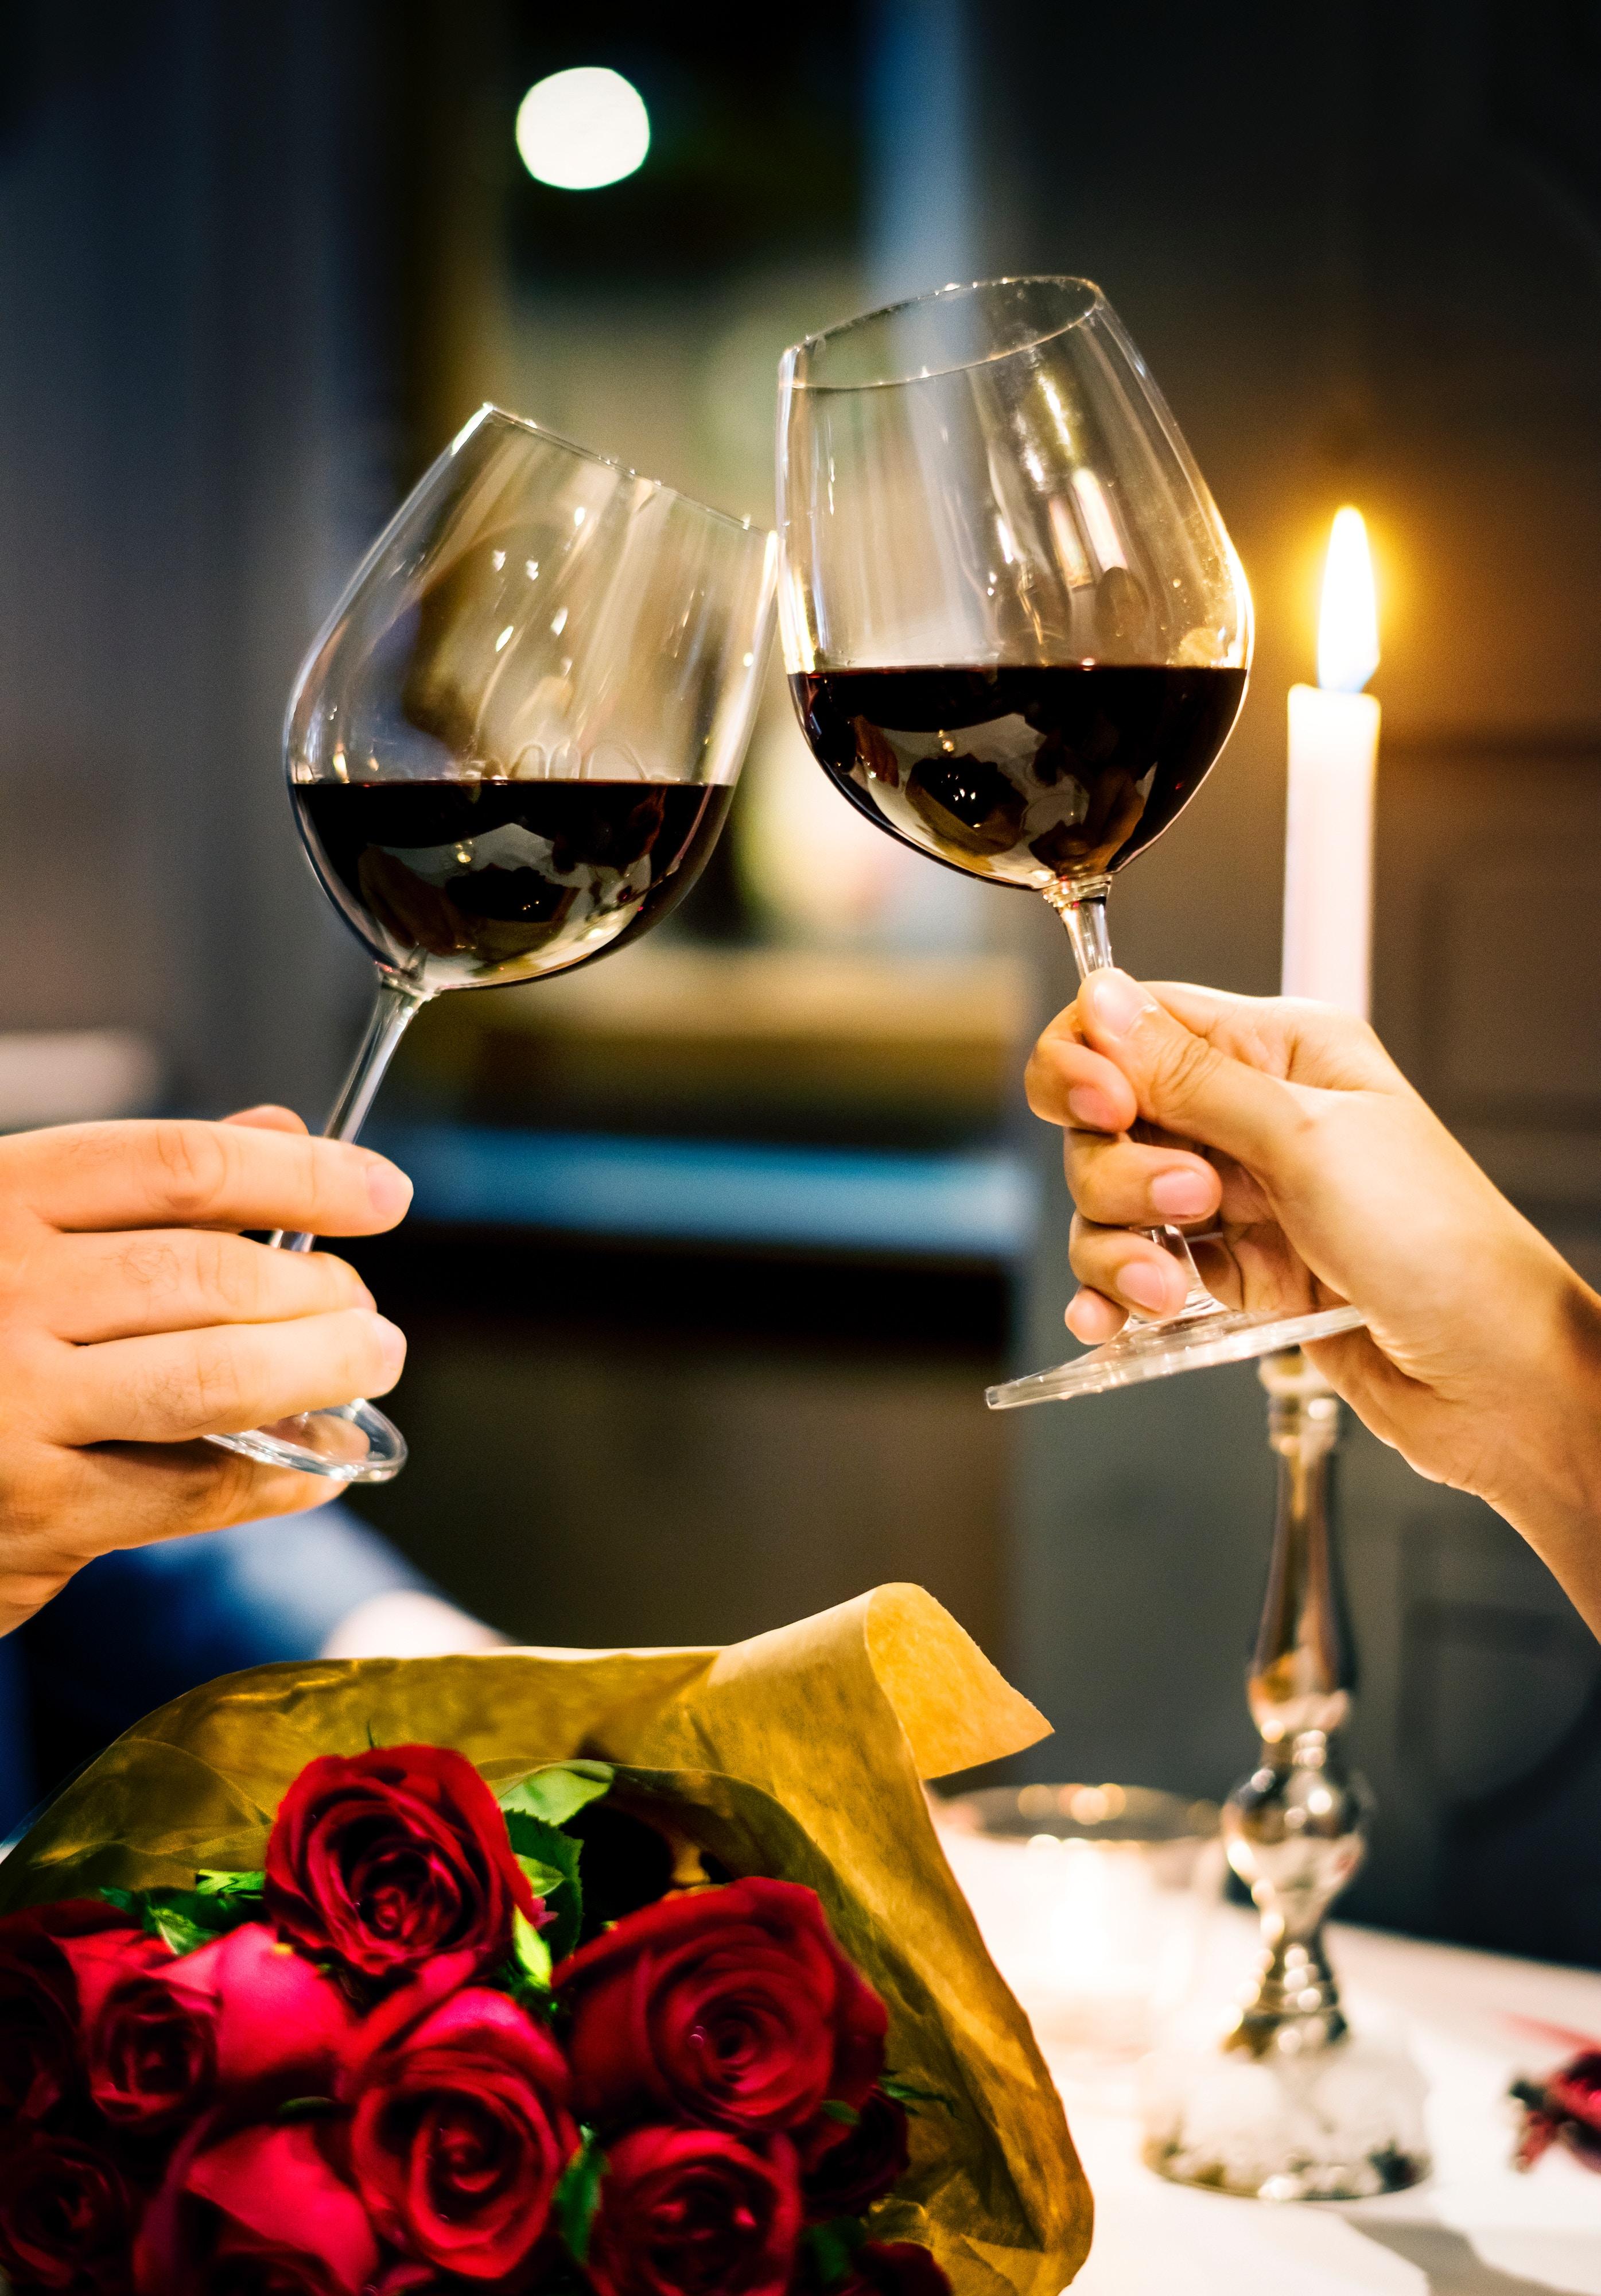 Pitje alkohola škoduje zdravju.